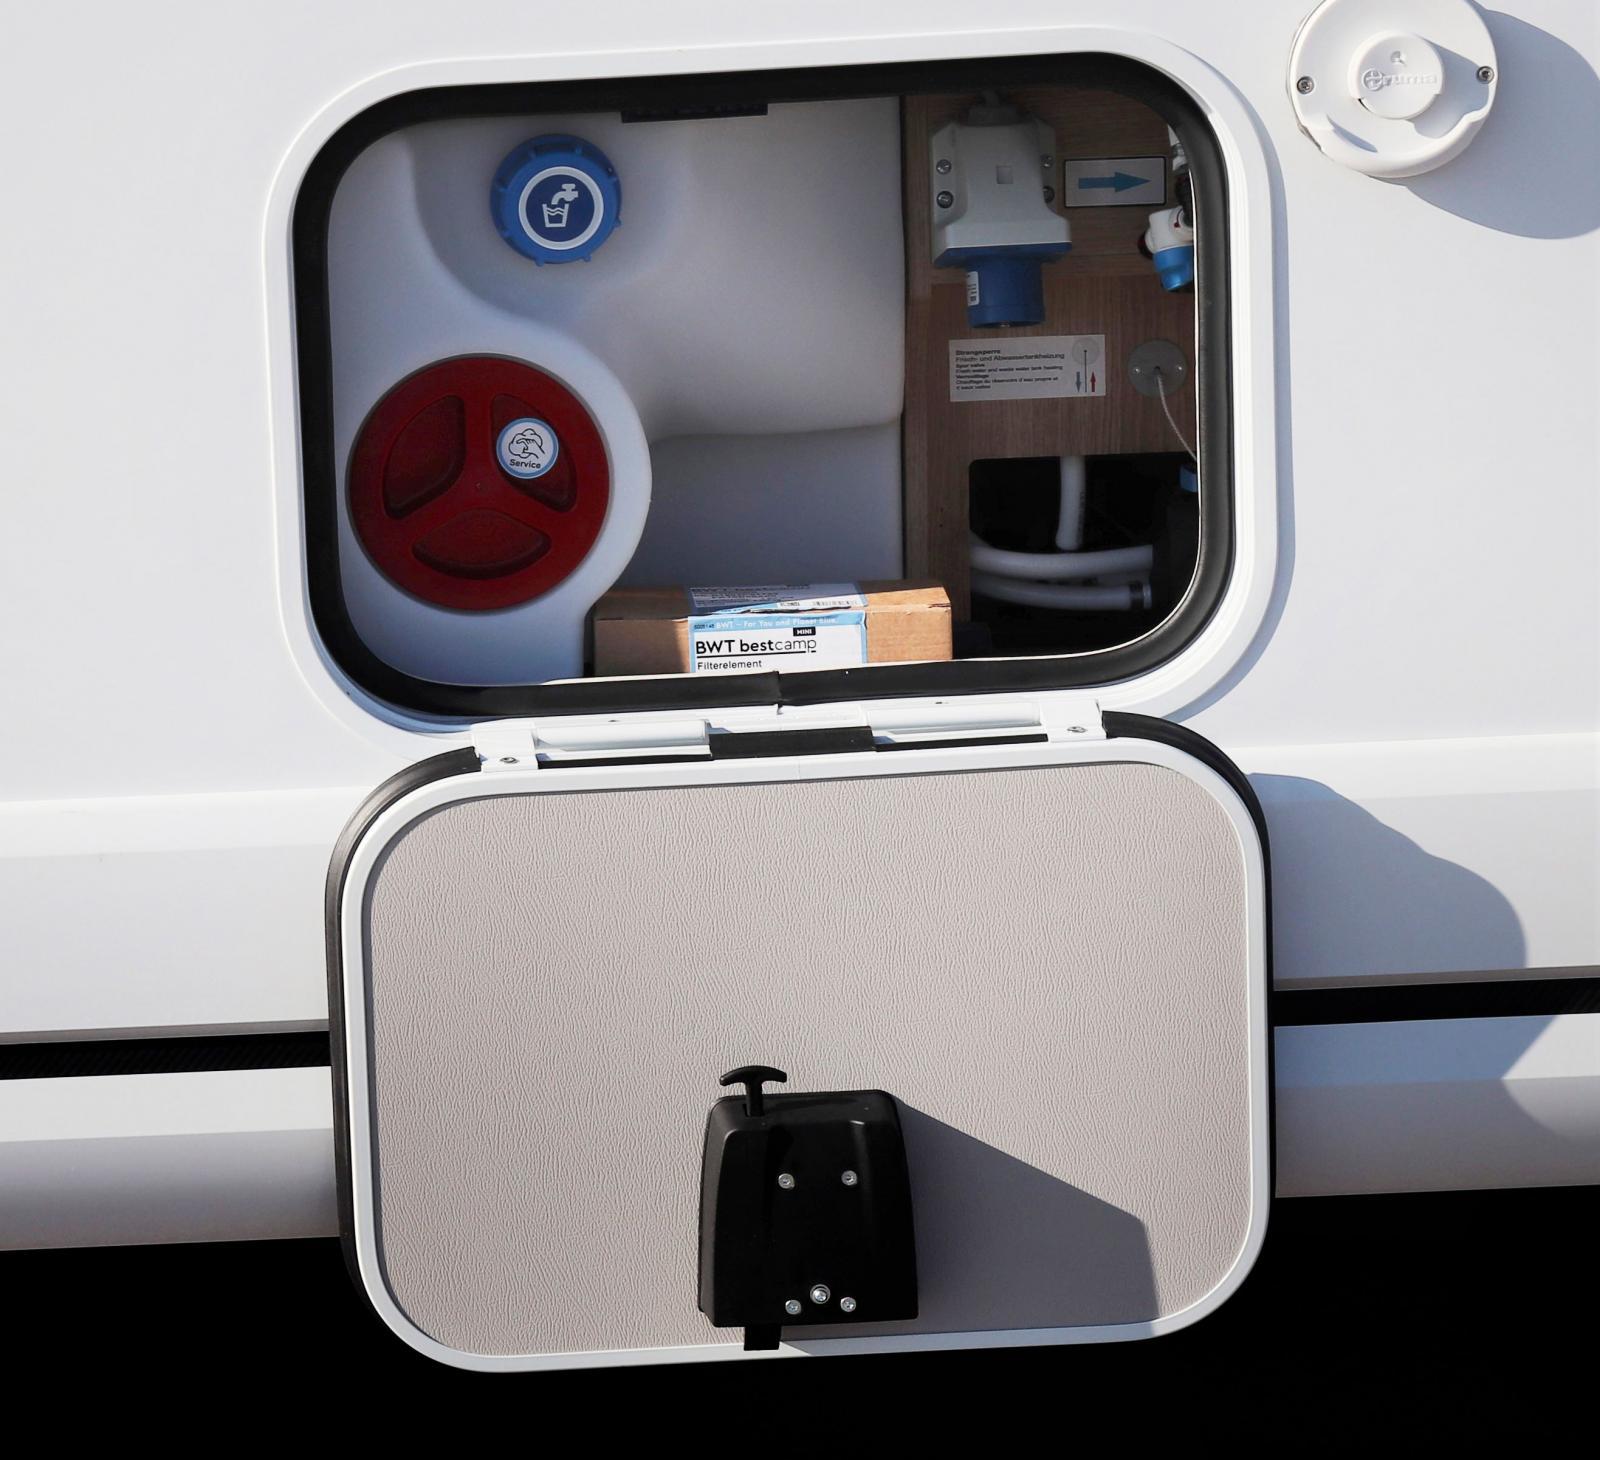 Serviceluckan där man fyller vatten, kopplar upp sig mot 230V, tömmer värmepannan inför frostnätter utan värme.